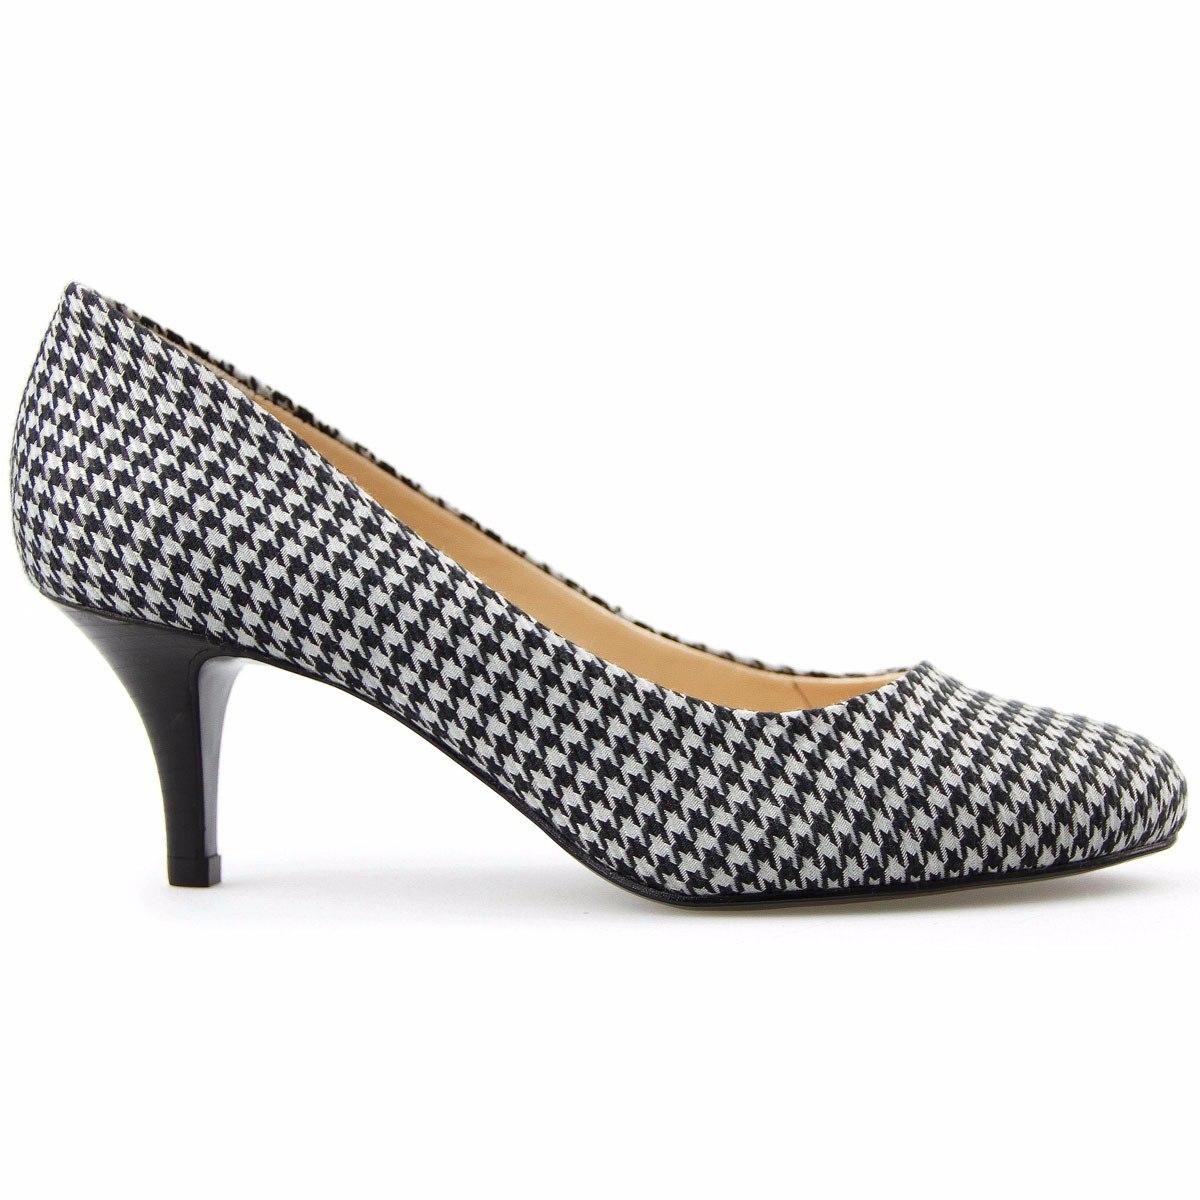 37b635dfec Carregando zoom... feminino scarpin sapato. Carregando zoom... sapato  feminino scarpin tecido lindo oferta frete grátis